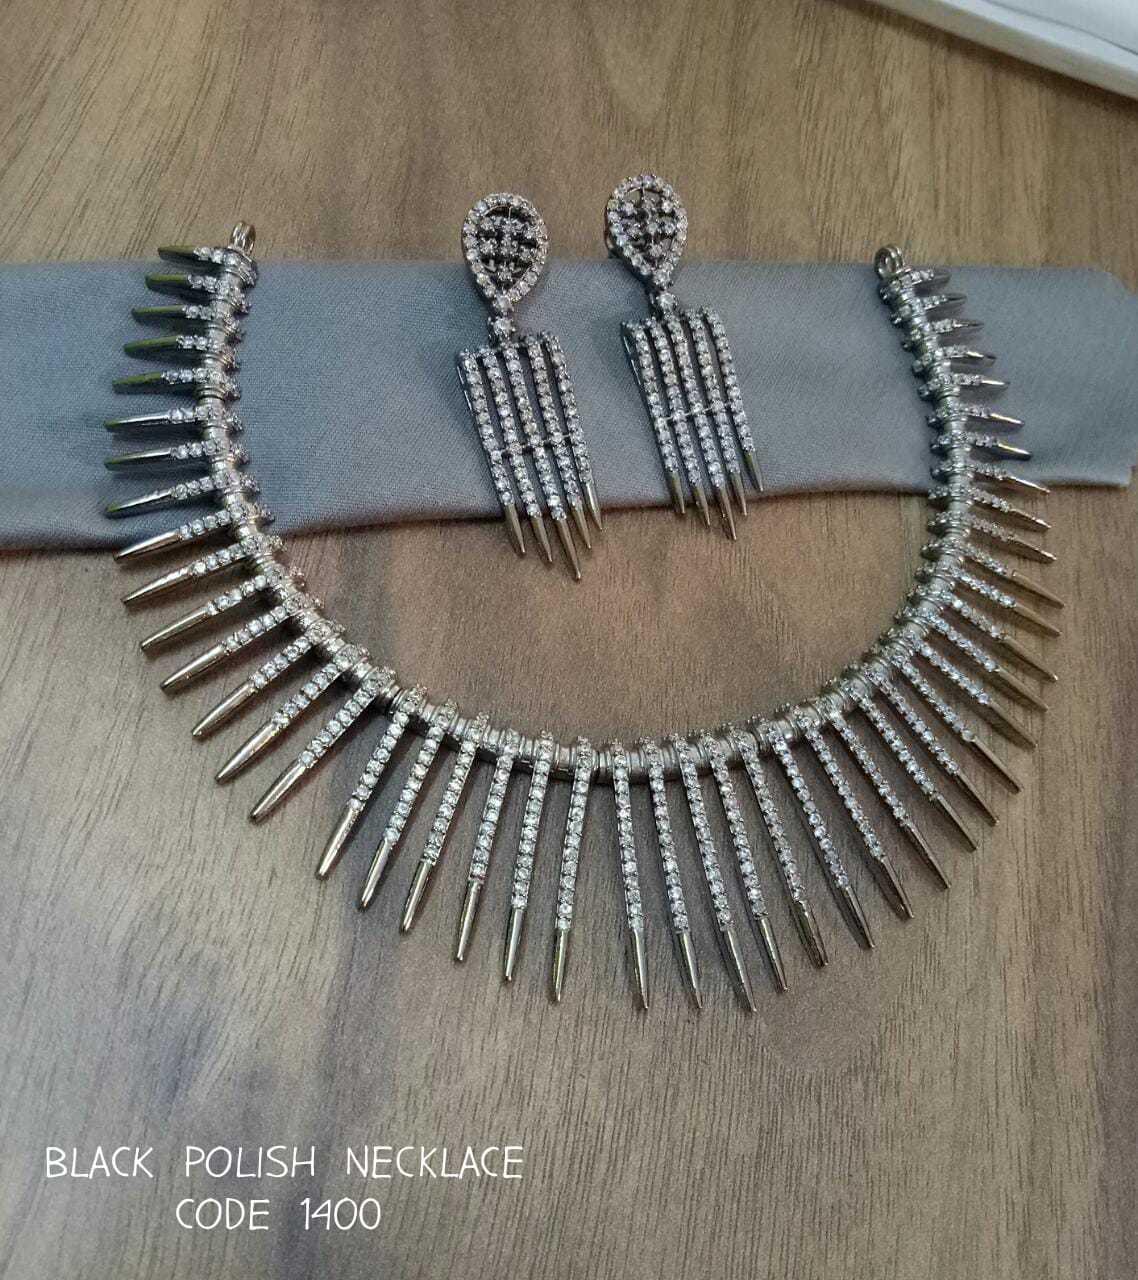 Neck wear